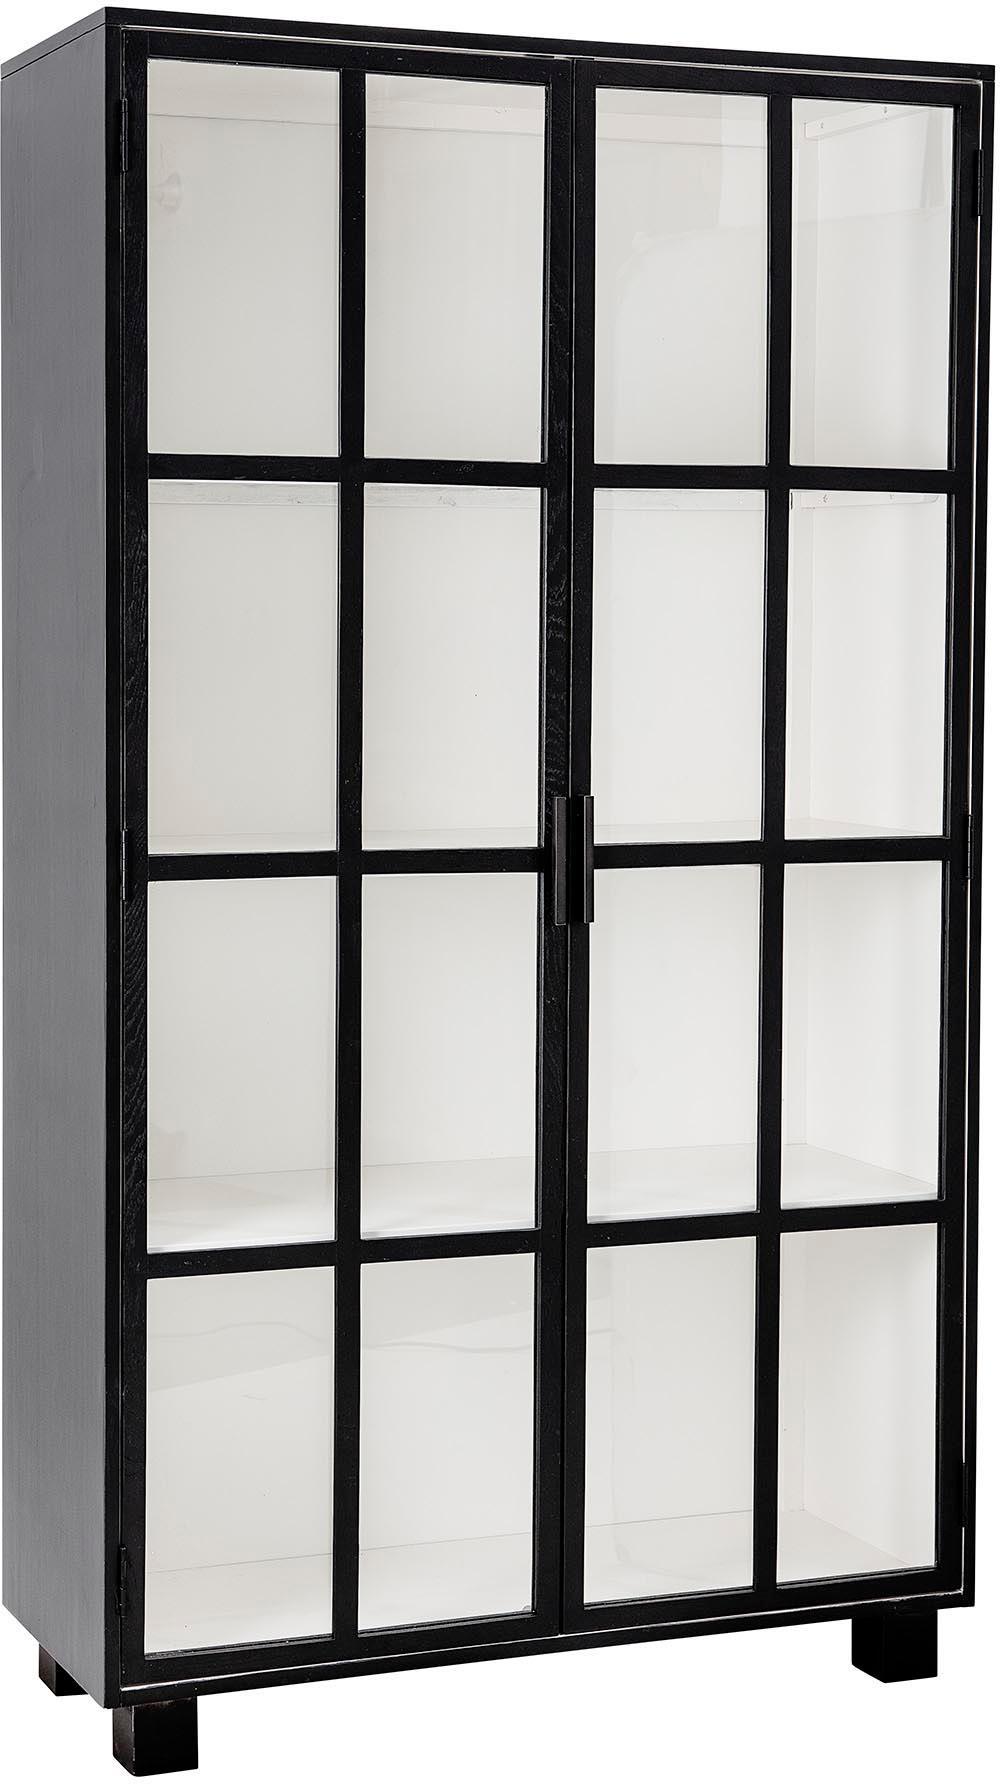 Kast Isbel, Frame: MDF met eikenhoutfineer, Zwart, wit, 114 x 200 cm